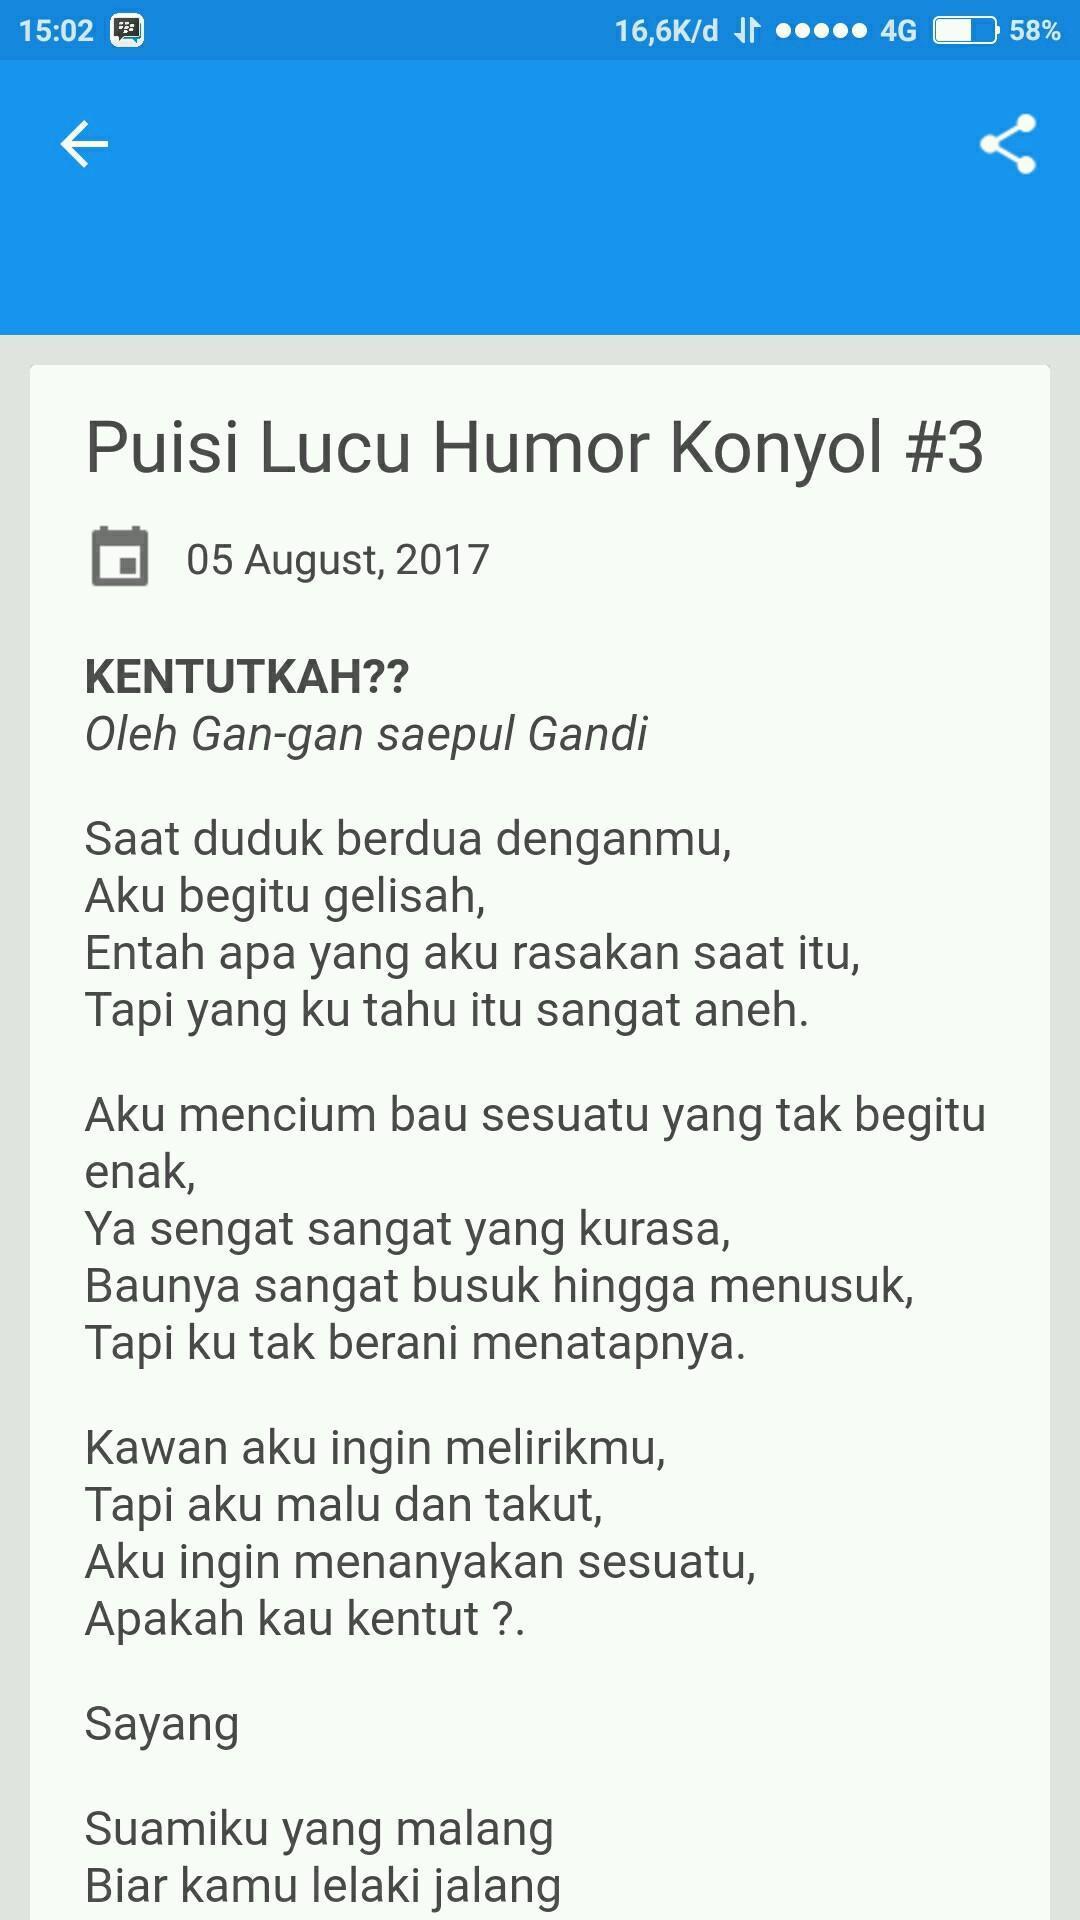 Puisi Lucu Humor Konyol Für Android APK Herunterladen